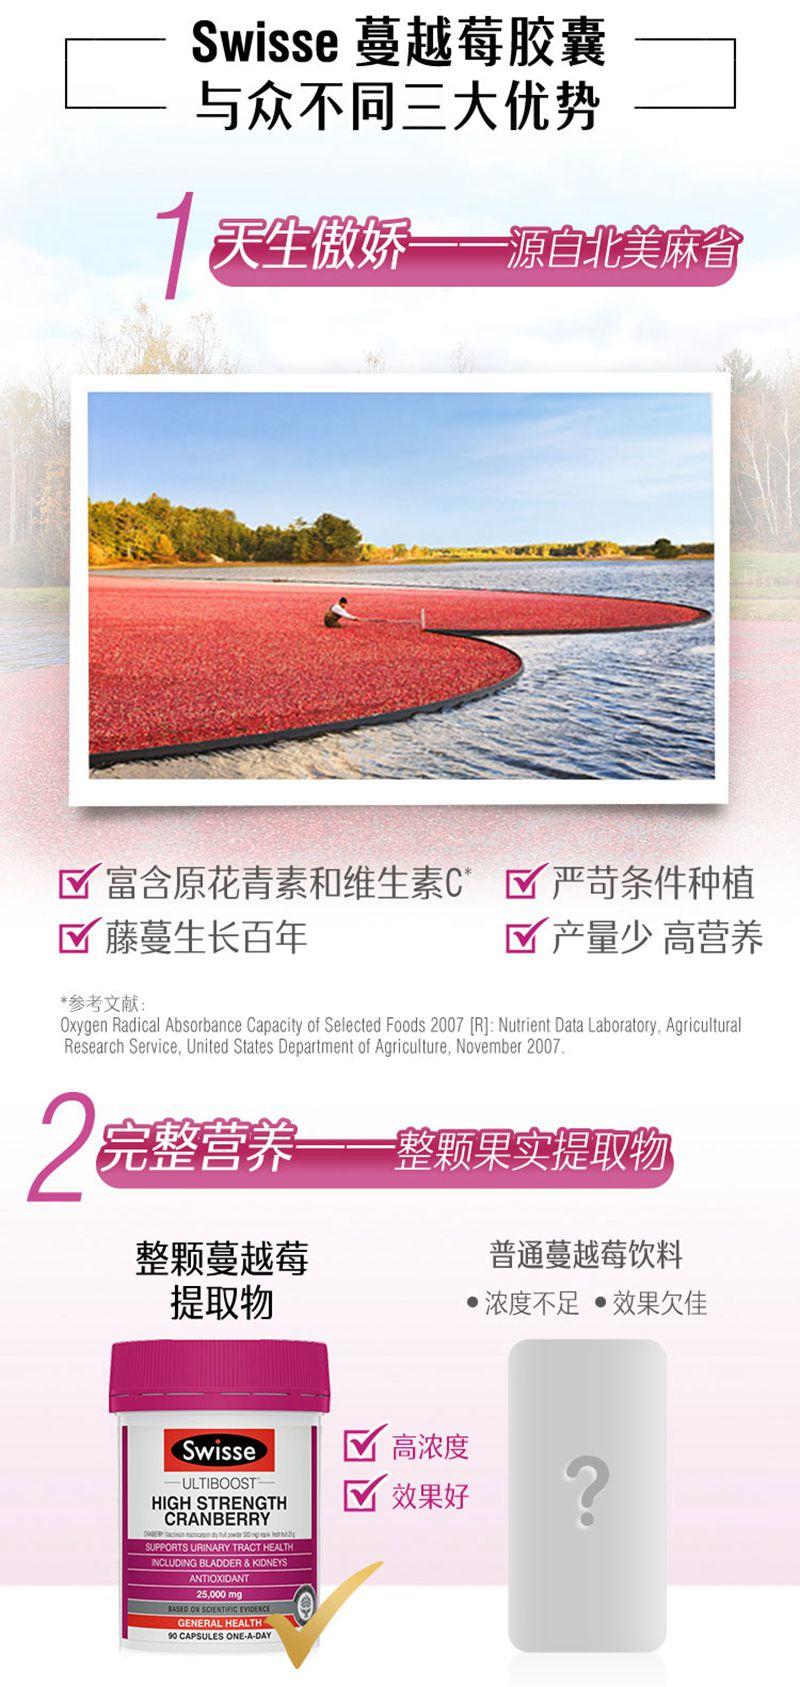 swisse蔓越莓胶囊90粒高浓度精华妇科炎症泌尿保养